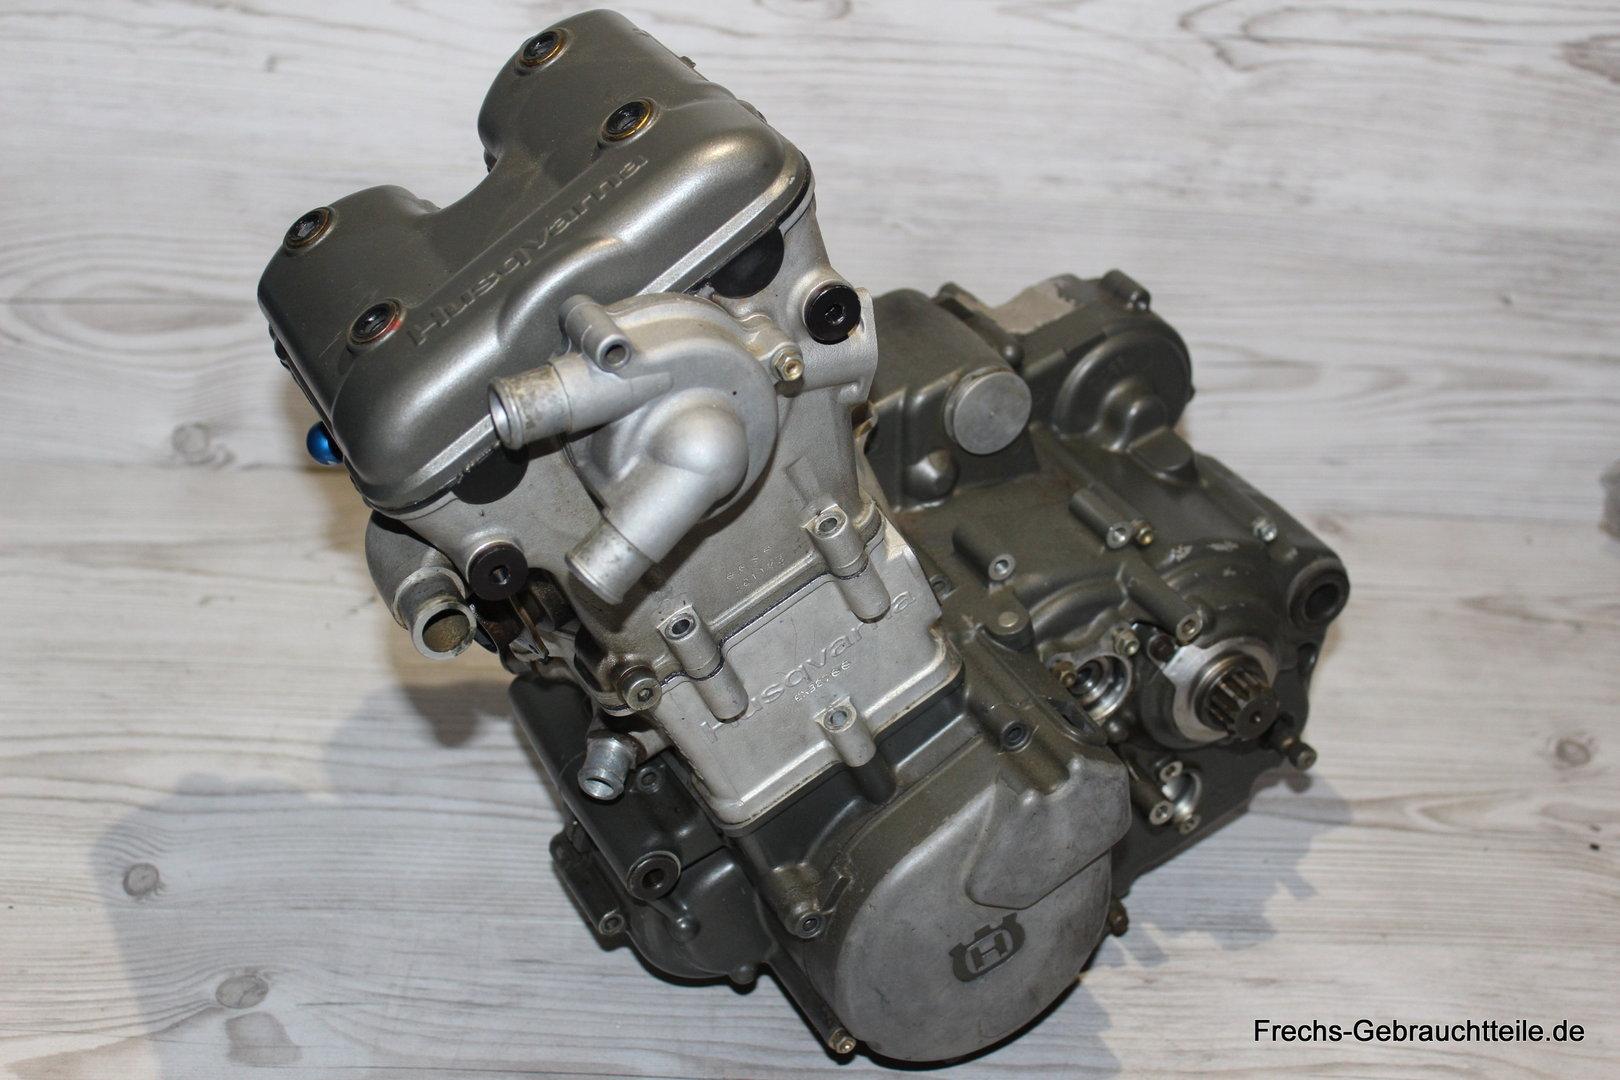 Motorteile/Zubehör - Frechs Gebrauchtteile